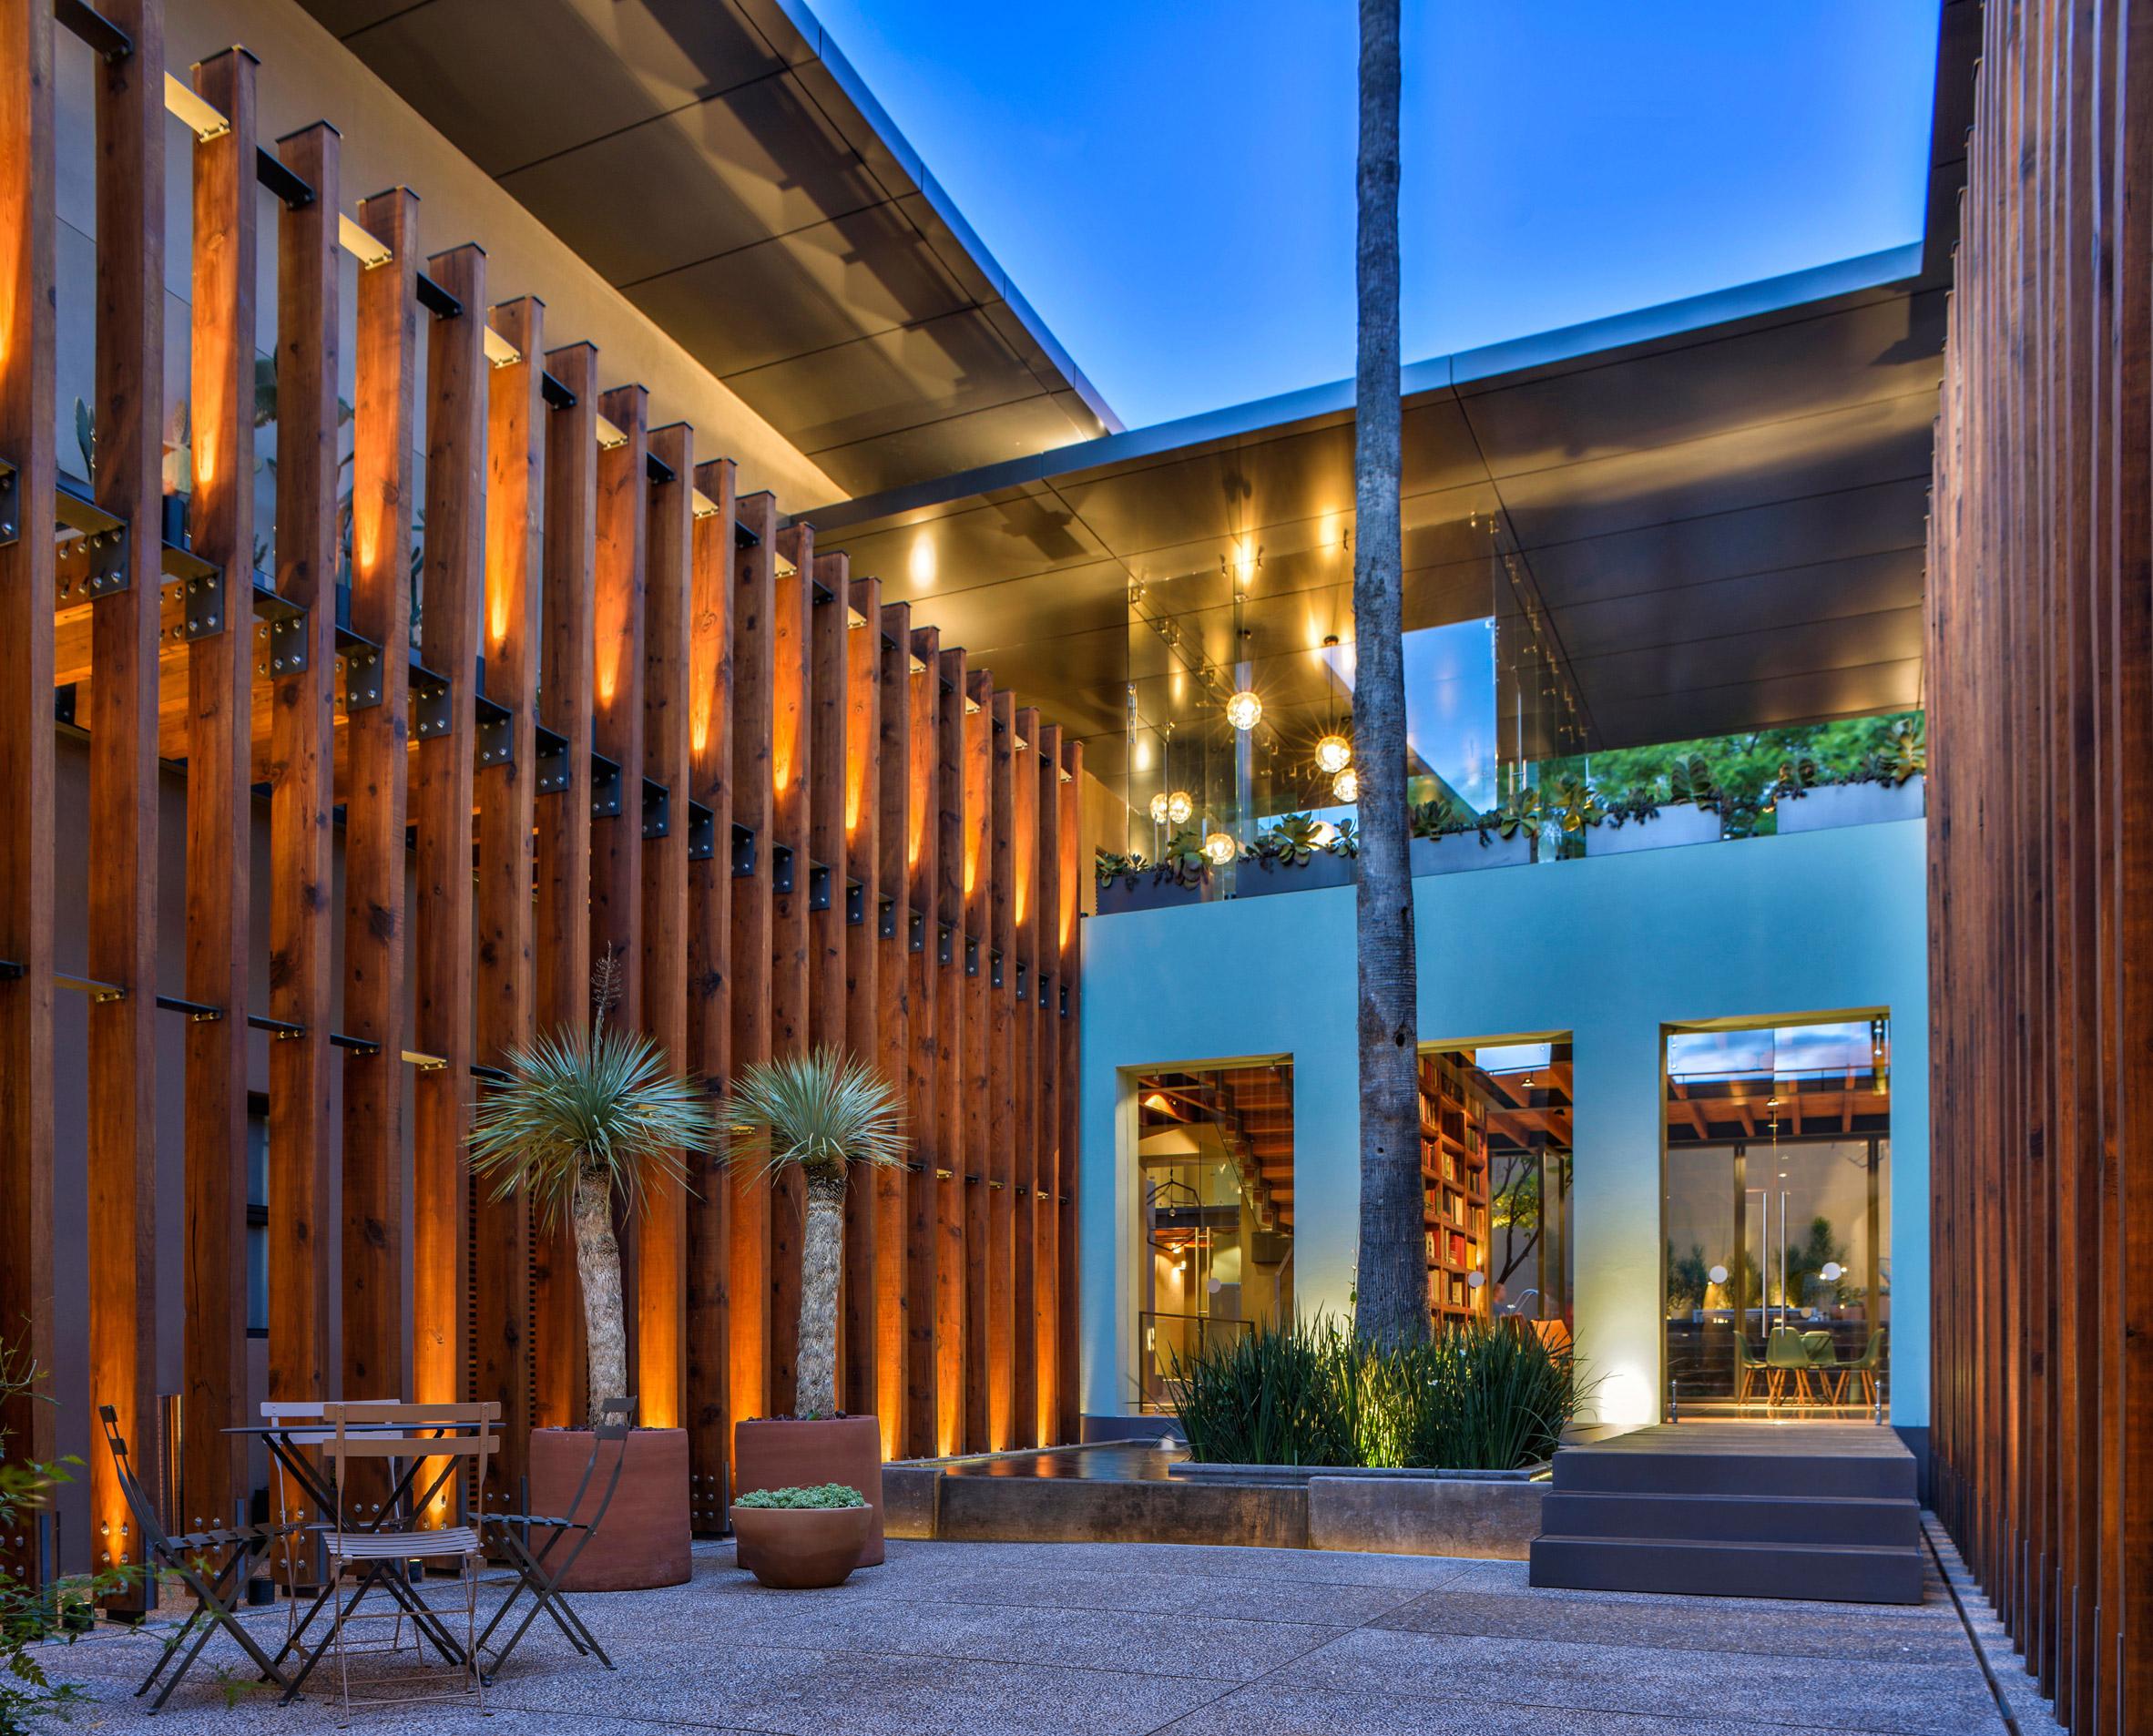 Hotel Criol